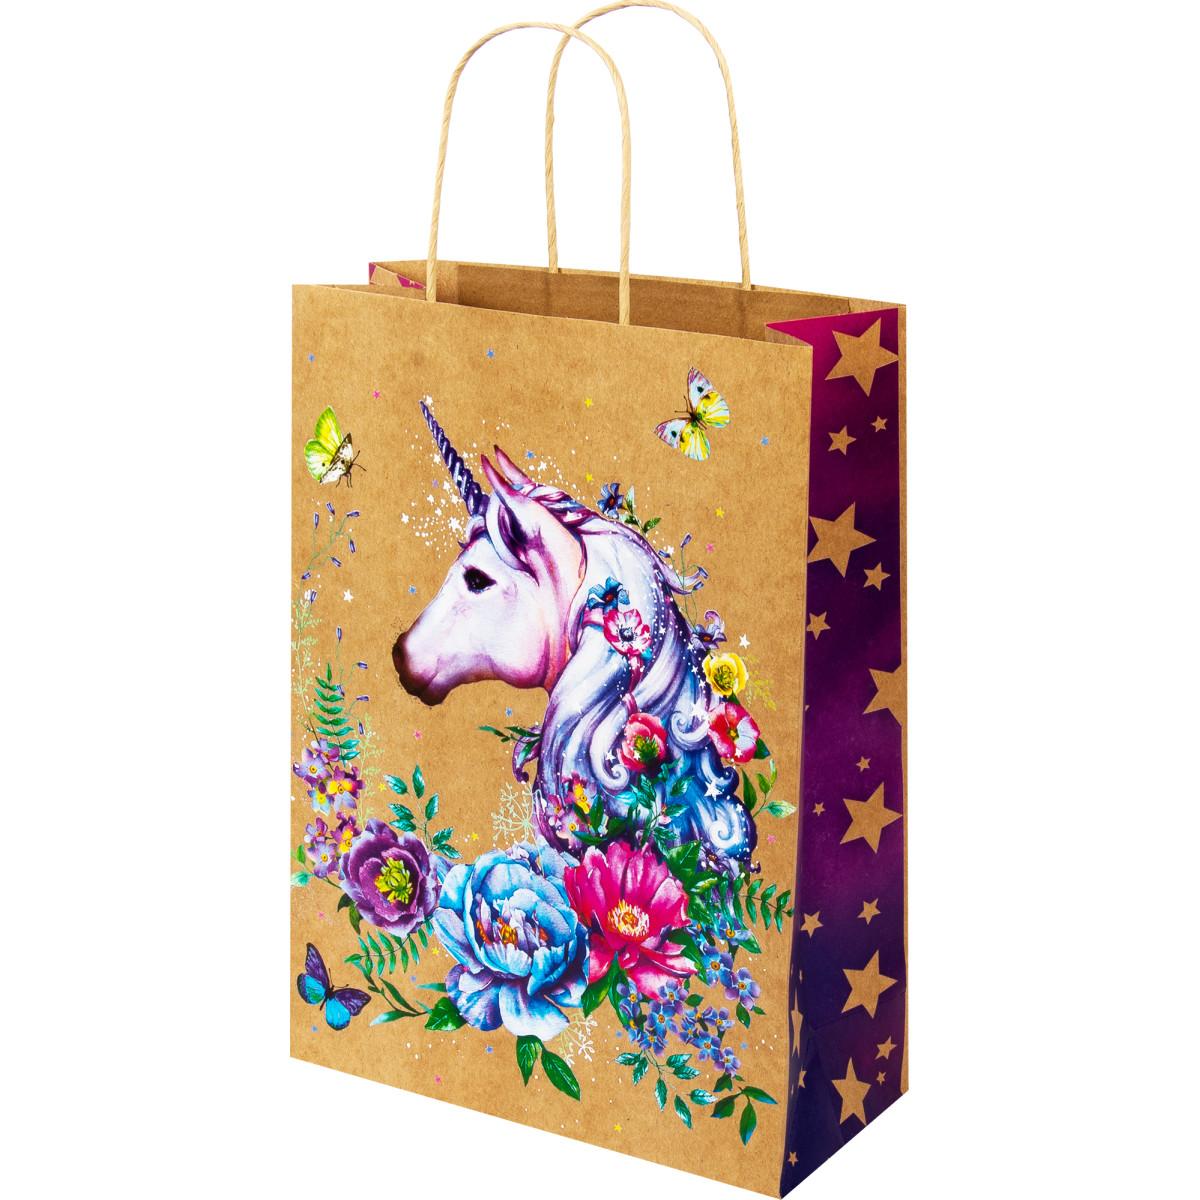 Пакет подарочный крафтовый АВ 0396.024